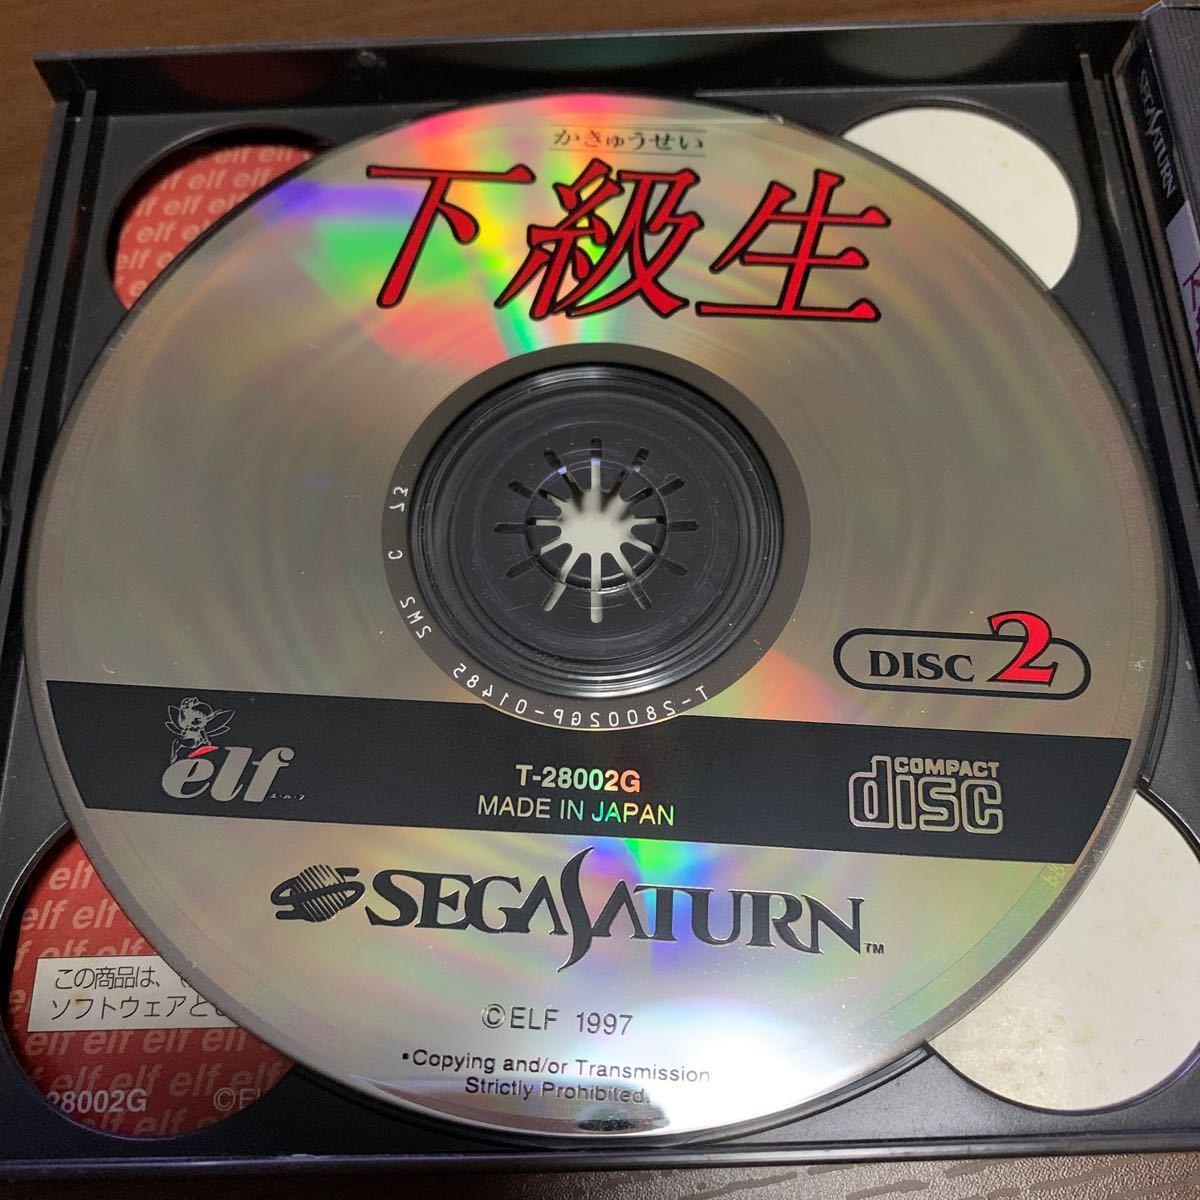 セガサターン用ソフト 下級生